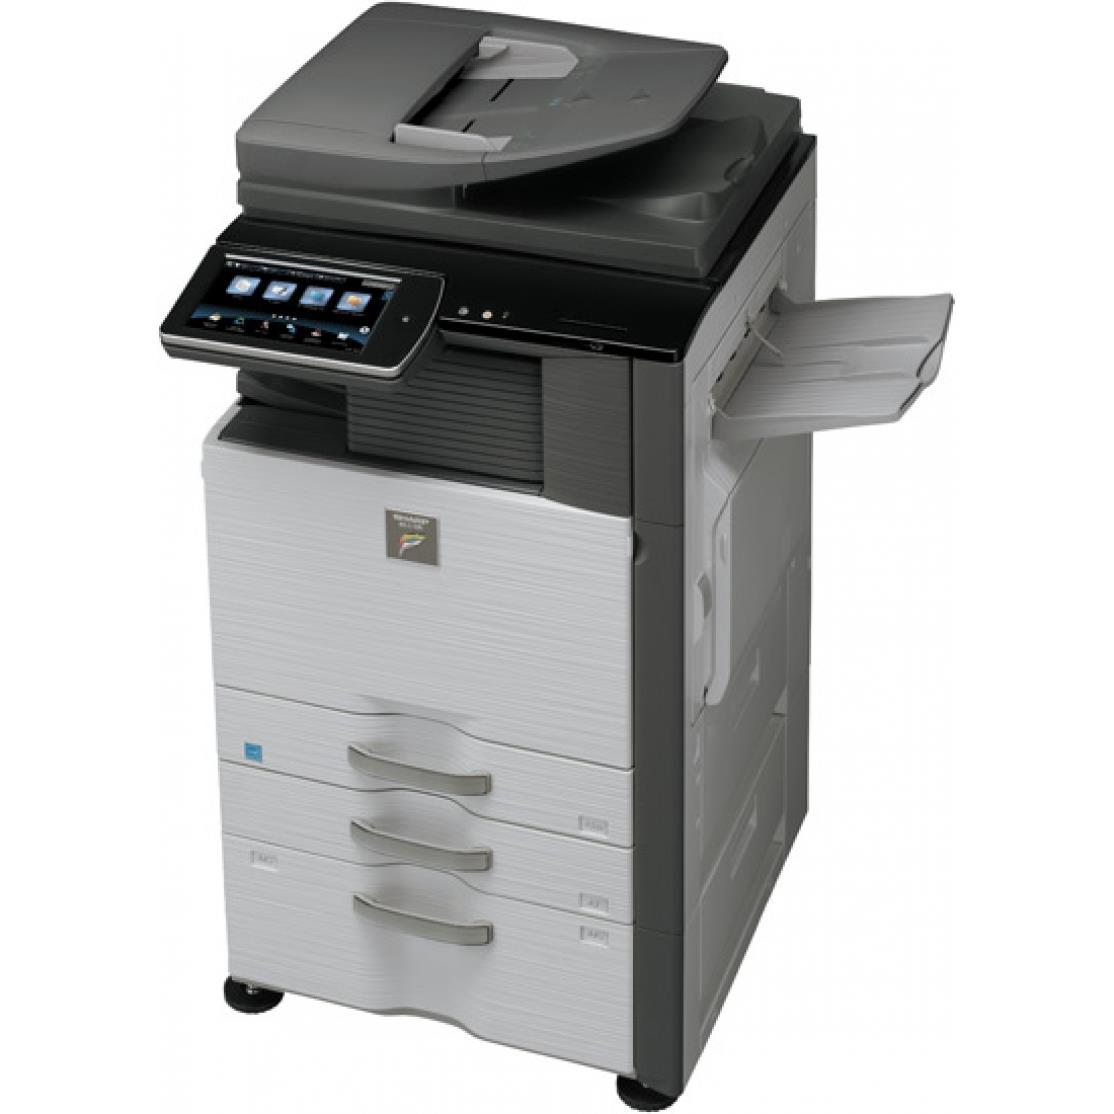 Máy photocopy màu Sharp MX-2614N